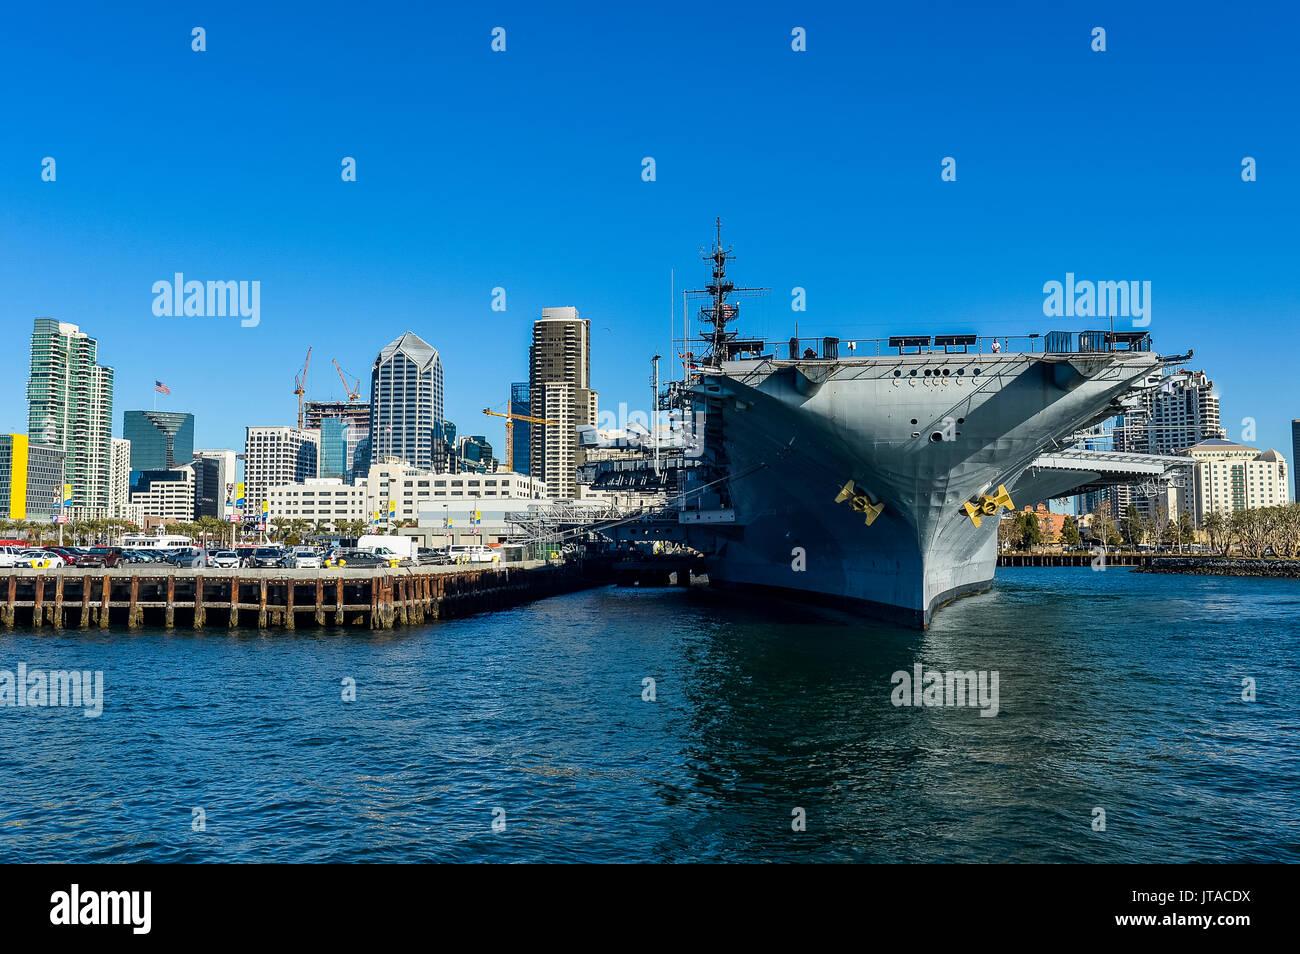 Skyline di San Diego con USS Midway, Porto di San Diego, California, Stati Uniti d'America, America del Nord Immagini Stock